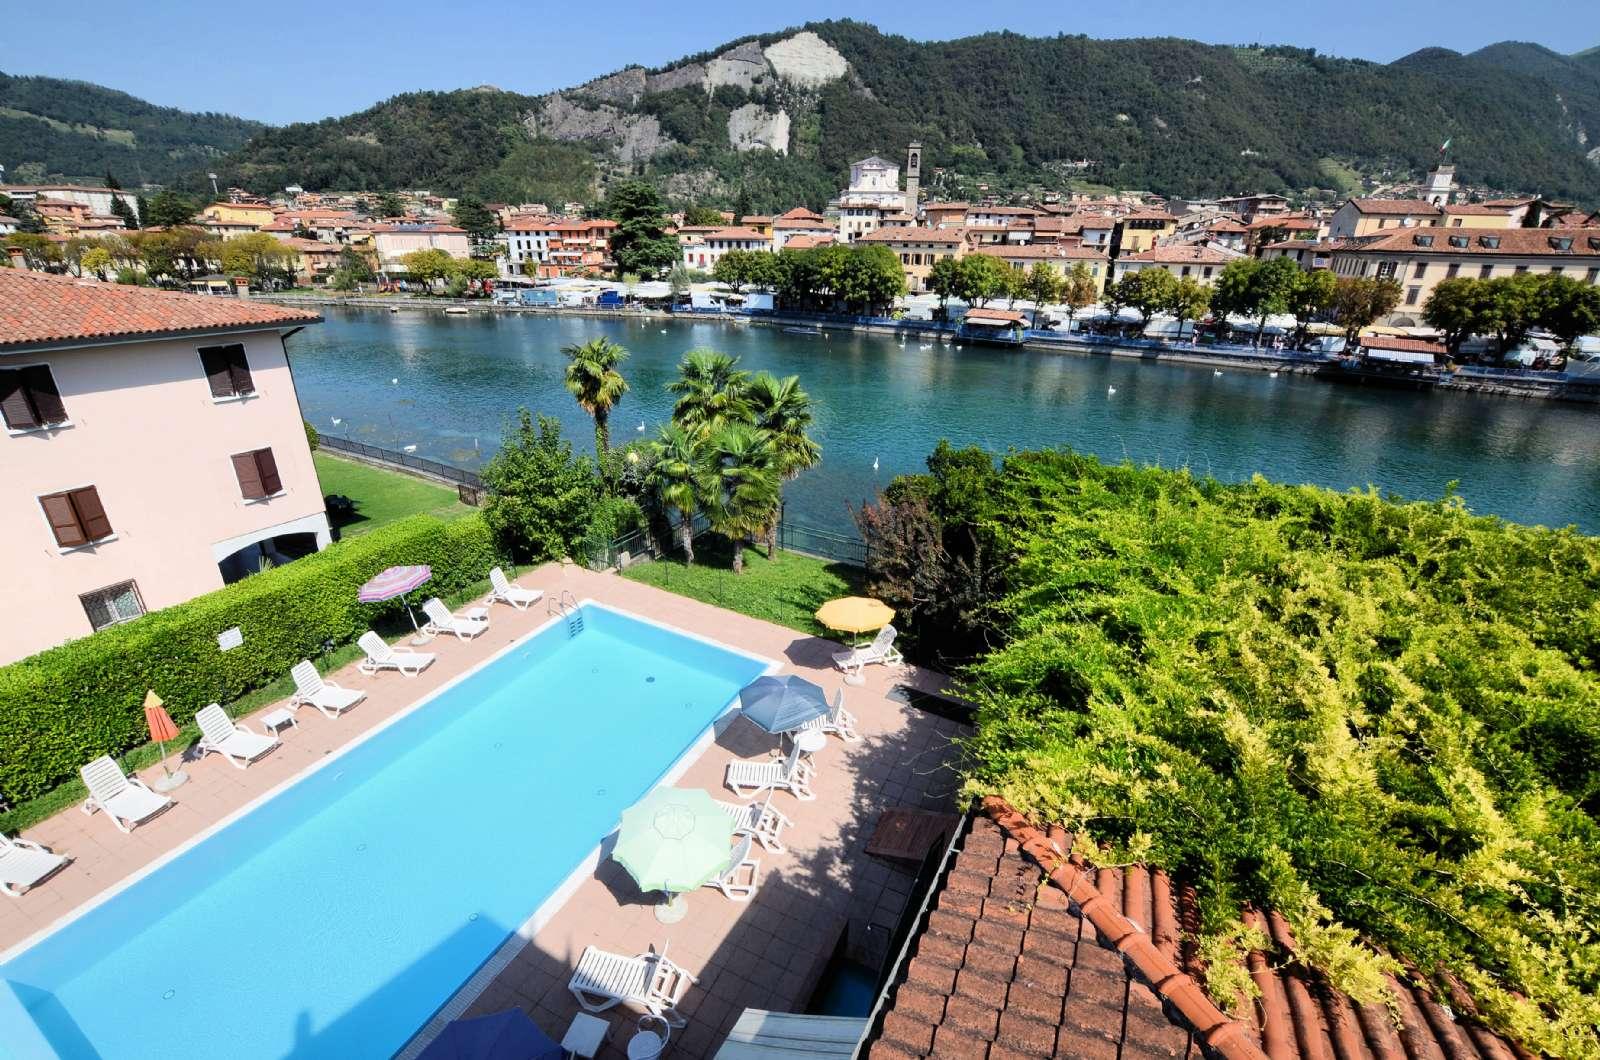 Swimmingpool ud til søen - Sarnico ligger på den modsatte side